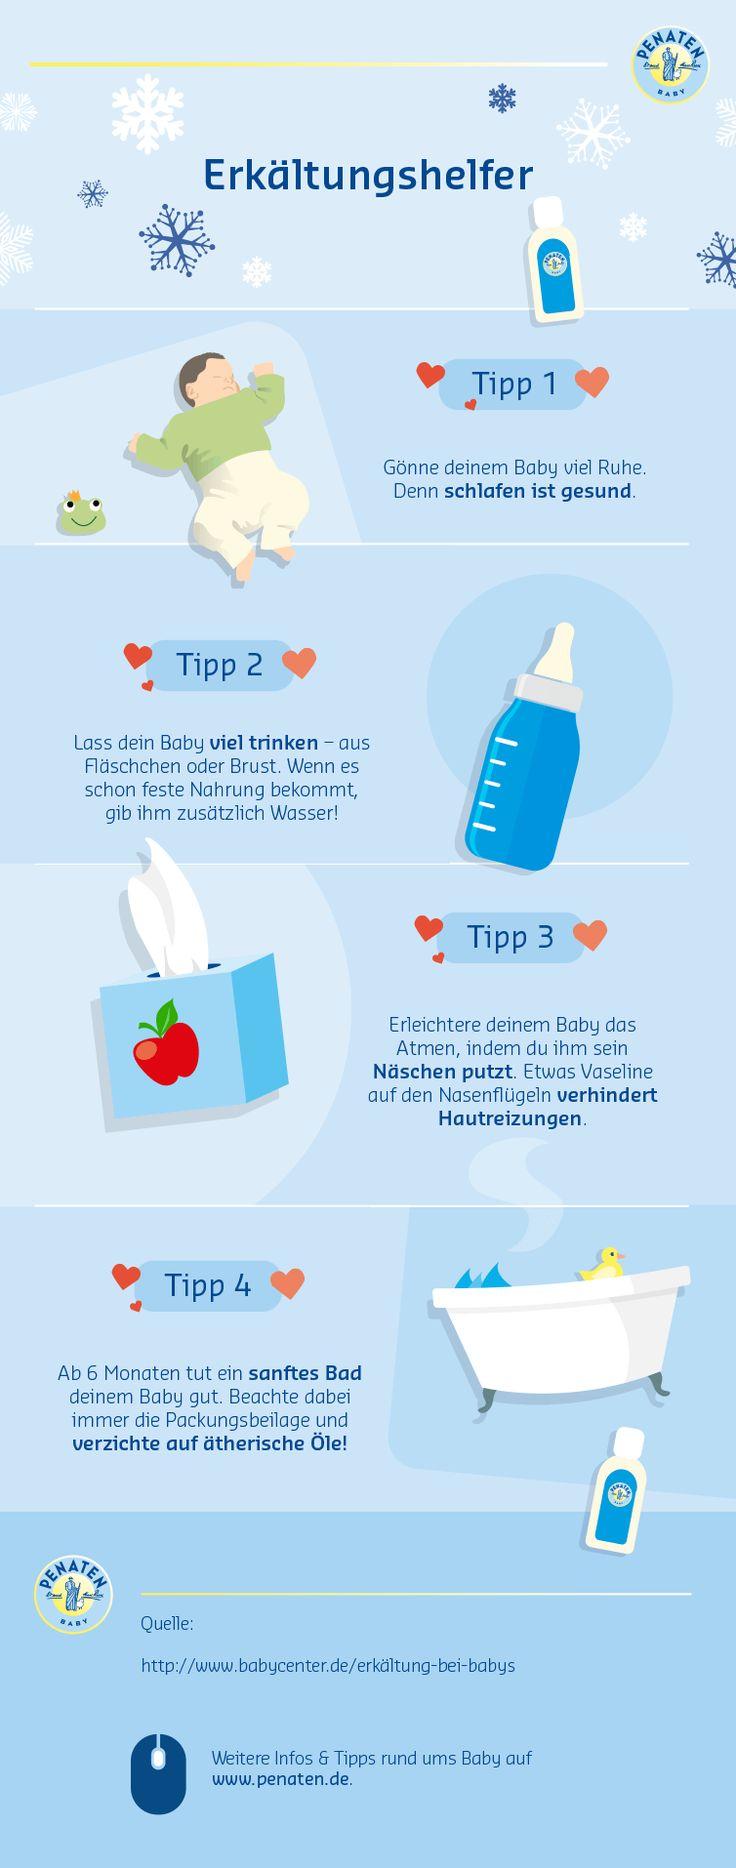 Babys sind bis zu 10 Mal im Jahr erkältet. So hilfst du deinem Kind, schnell wieder gesund zu werden. #penaten #mamasein #lebenmitbaby #elternzeit #erkältung #baden #schnupfen #babyhaut #erkältungstipps #babypflege #neugeborenes #infografik #babywissen #babypflege #checklist